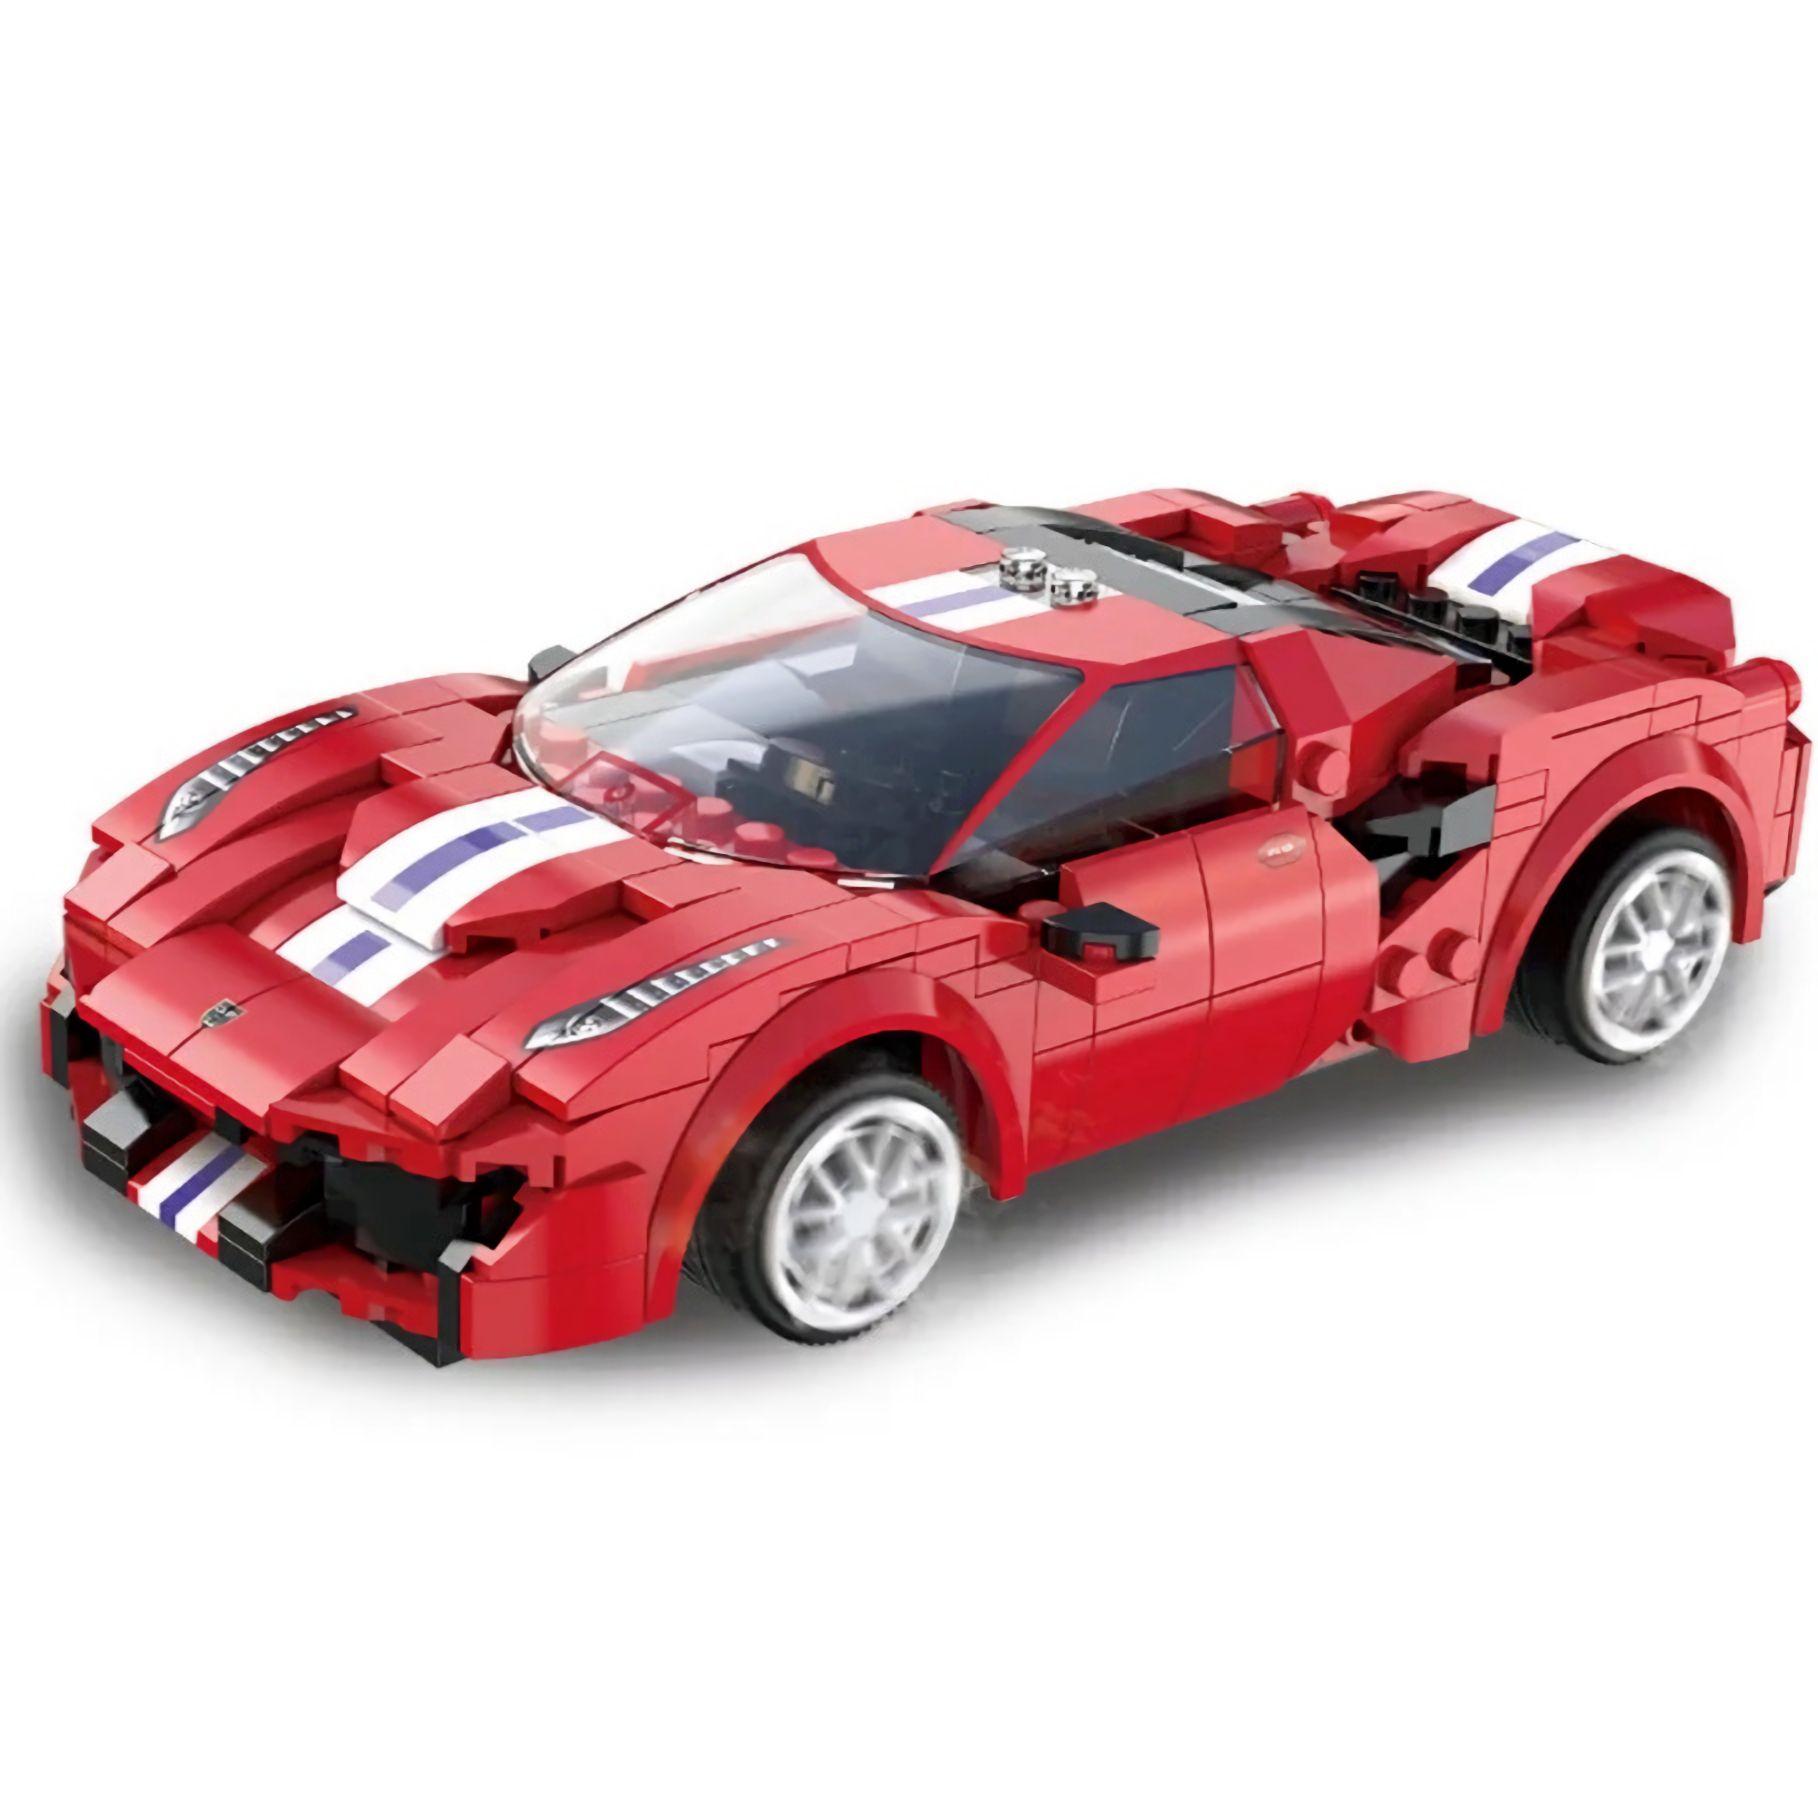 Cada Ferrari 488 Pista: Mini Klemmbausteine Set mit Motor (306 Teile, 2.4G Fernbedienung, 25m Reichweite, physische Anleitung)